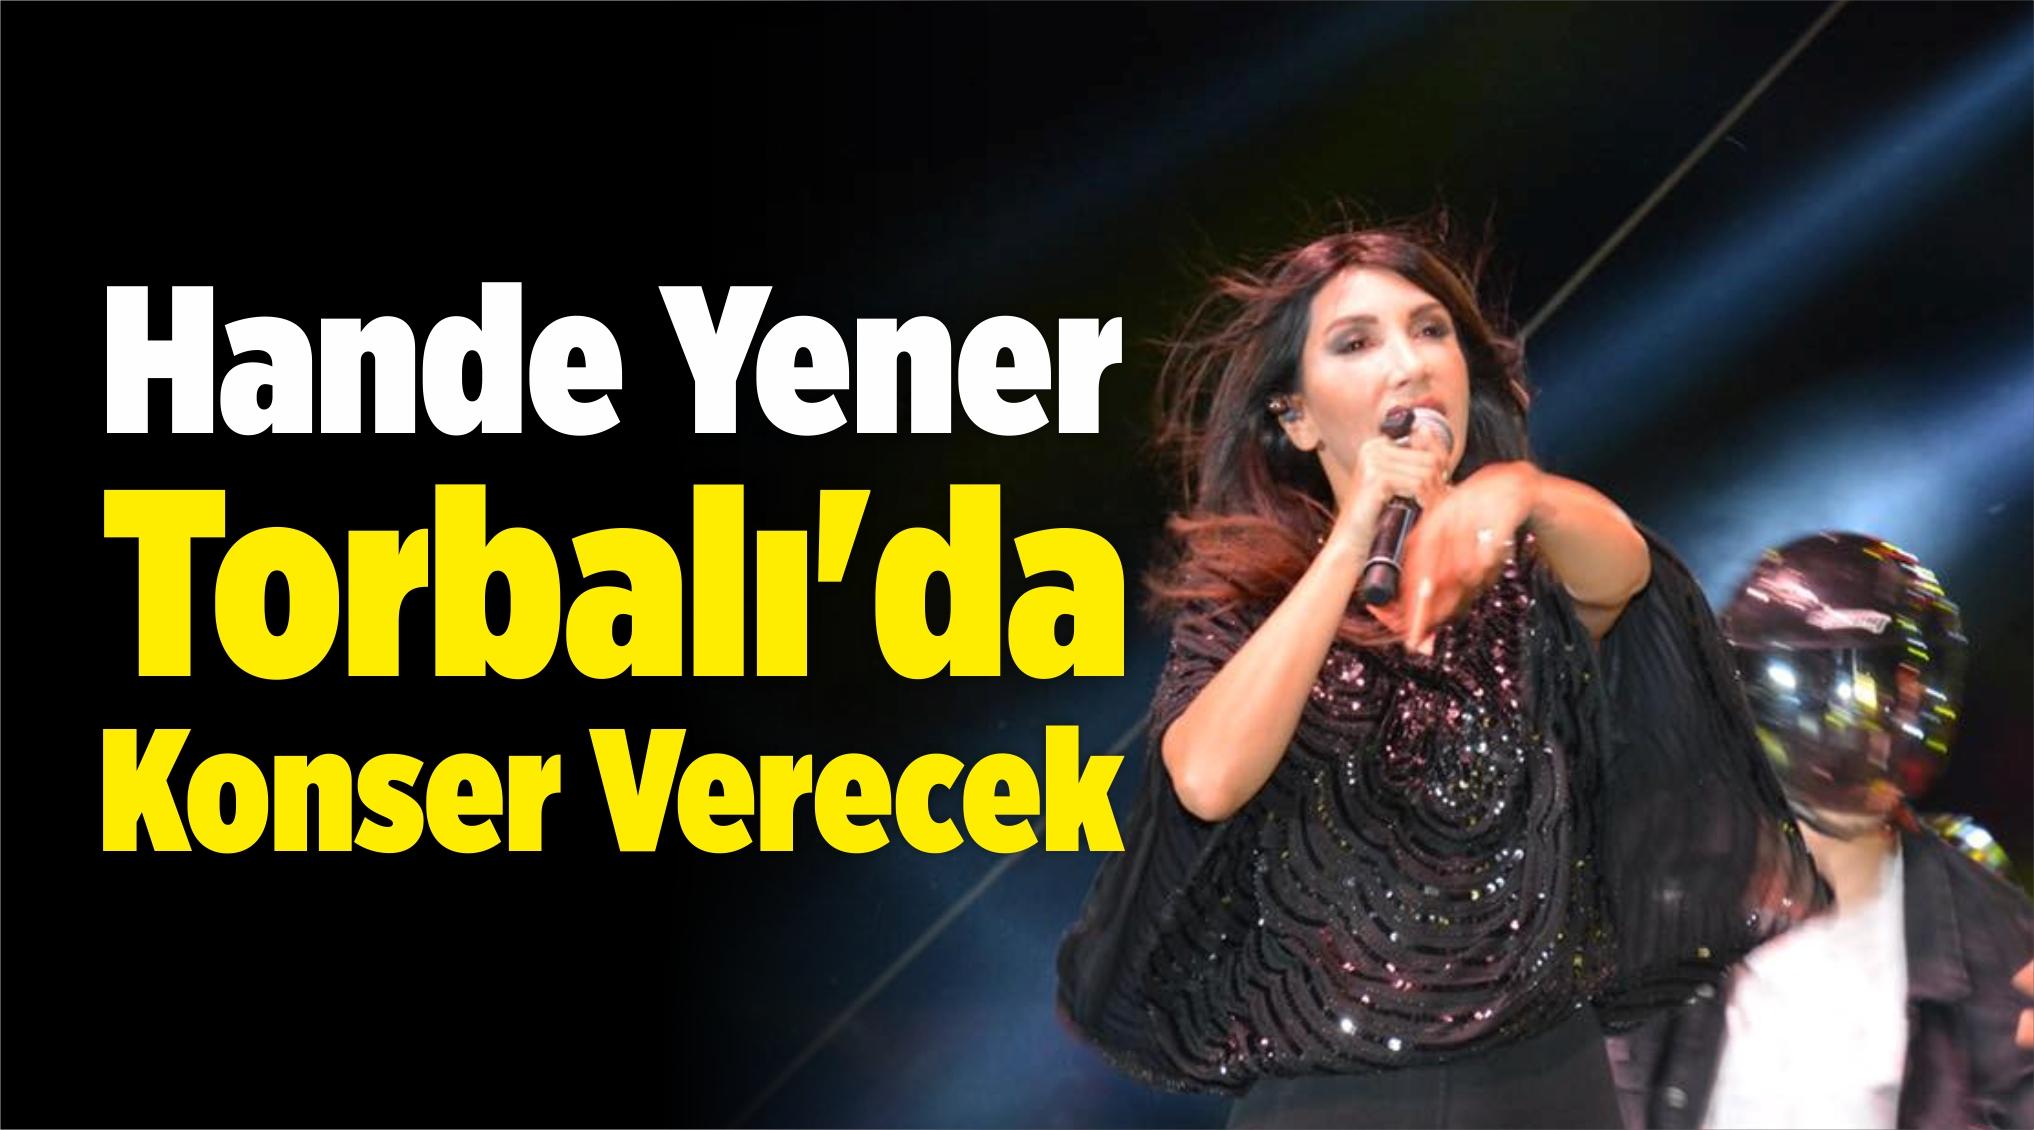 Hande Yener Torbalı'da Konser Verecek